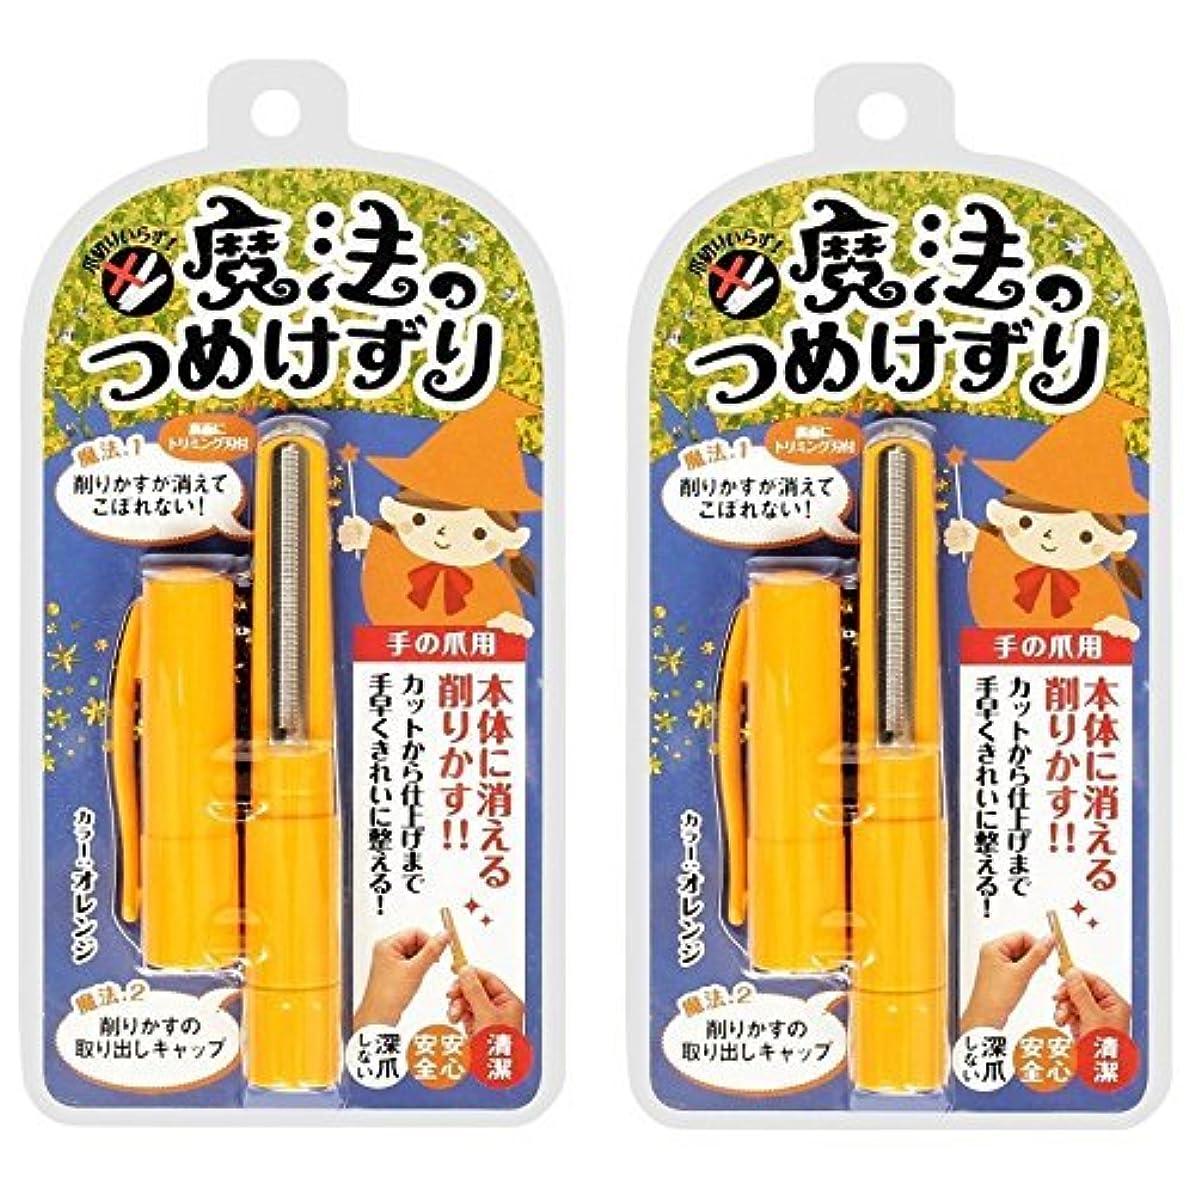 マチュピチュ遅らせるチャーター【セット品】松本金型 魔法のつめけずり MM-090 オレンジ ×2個